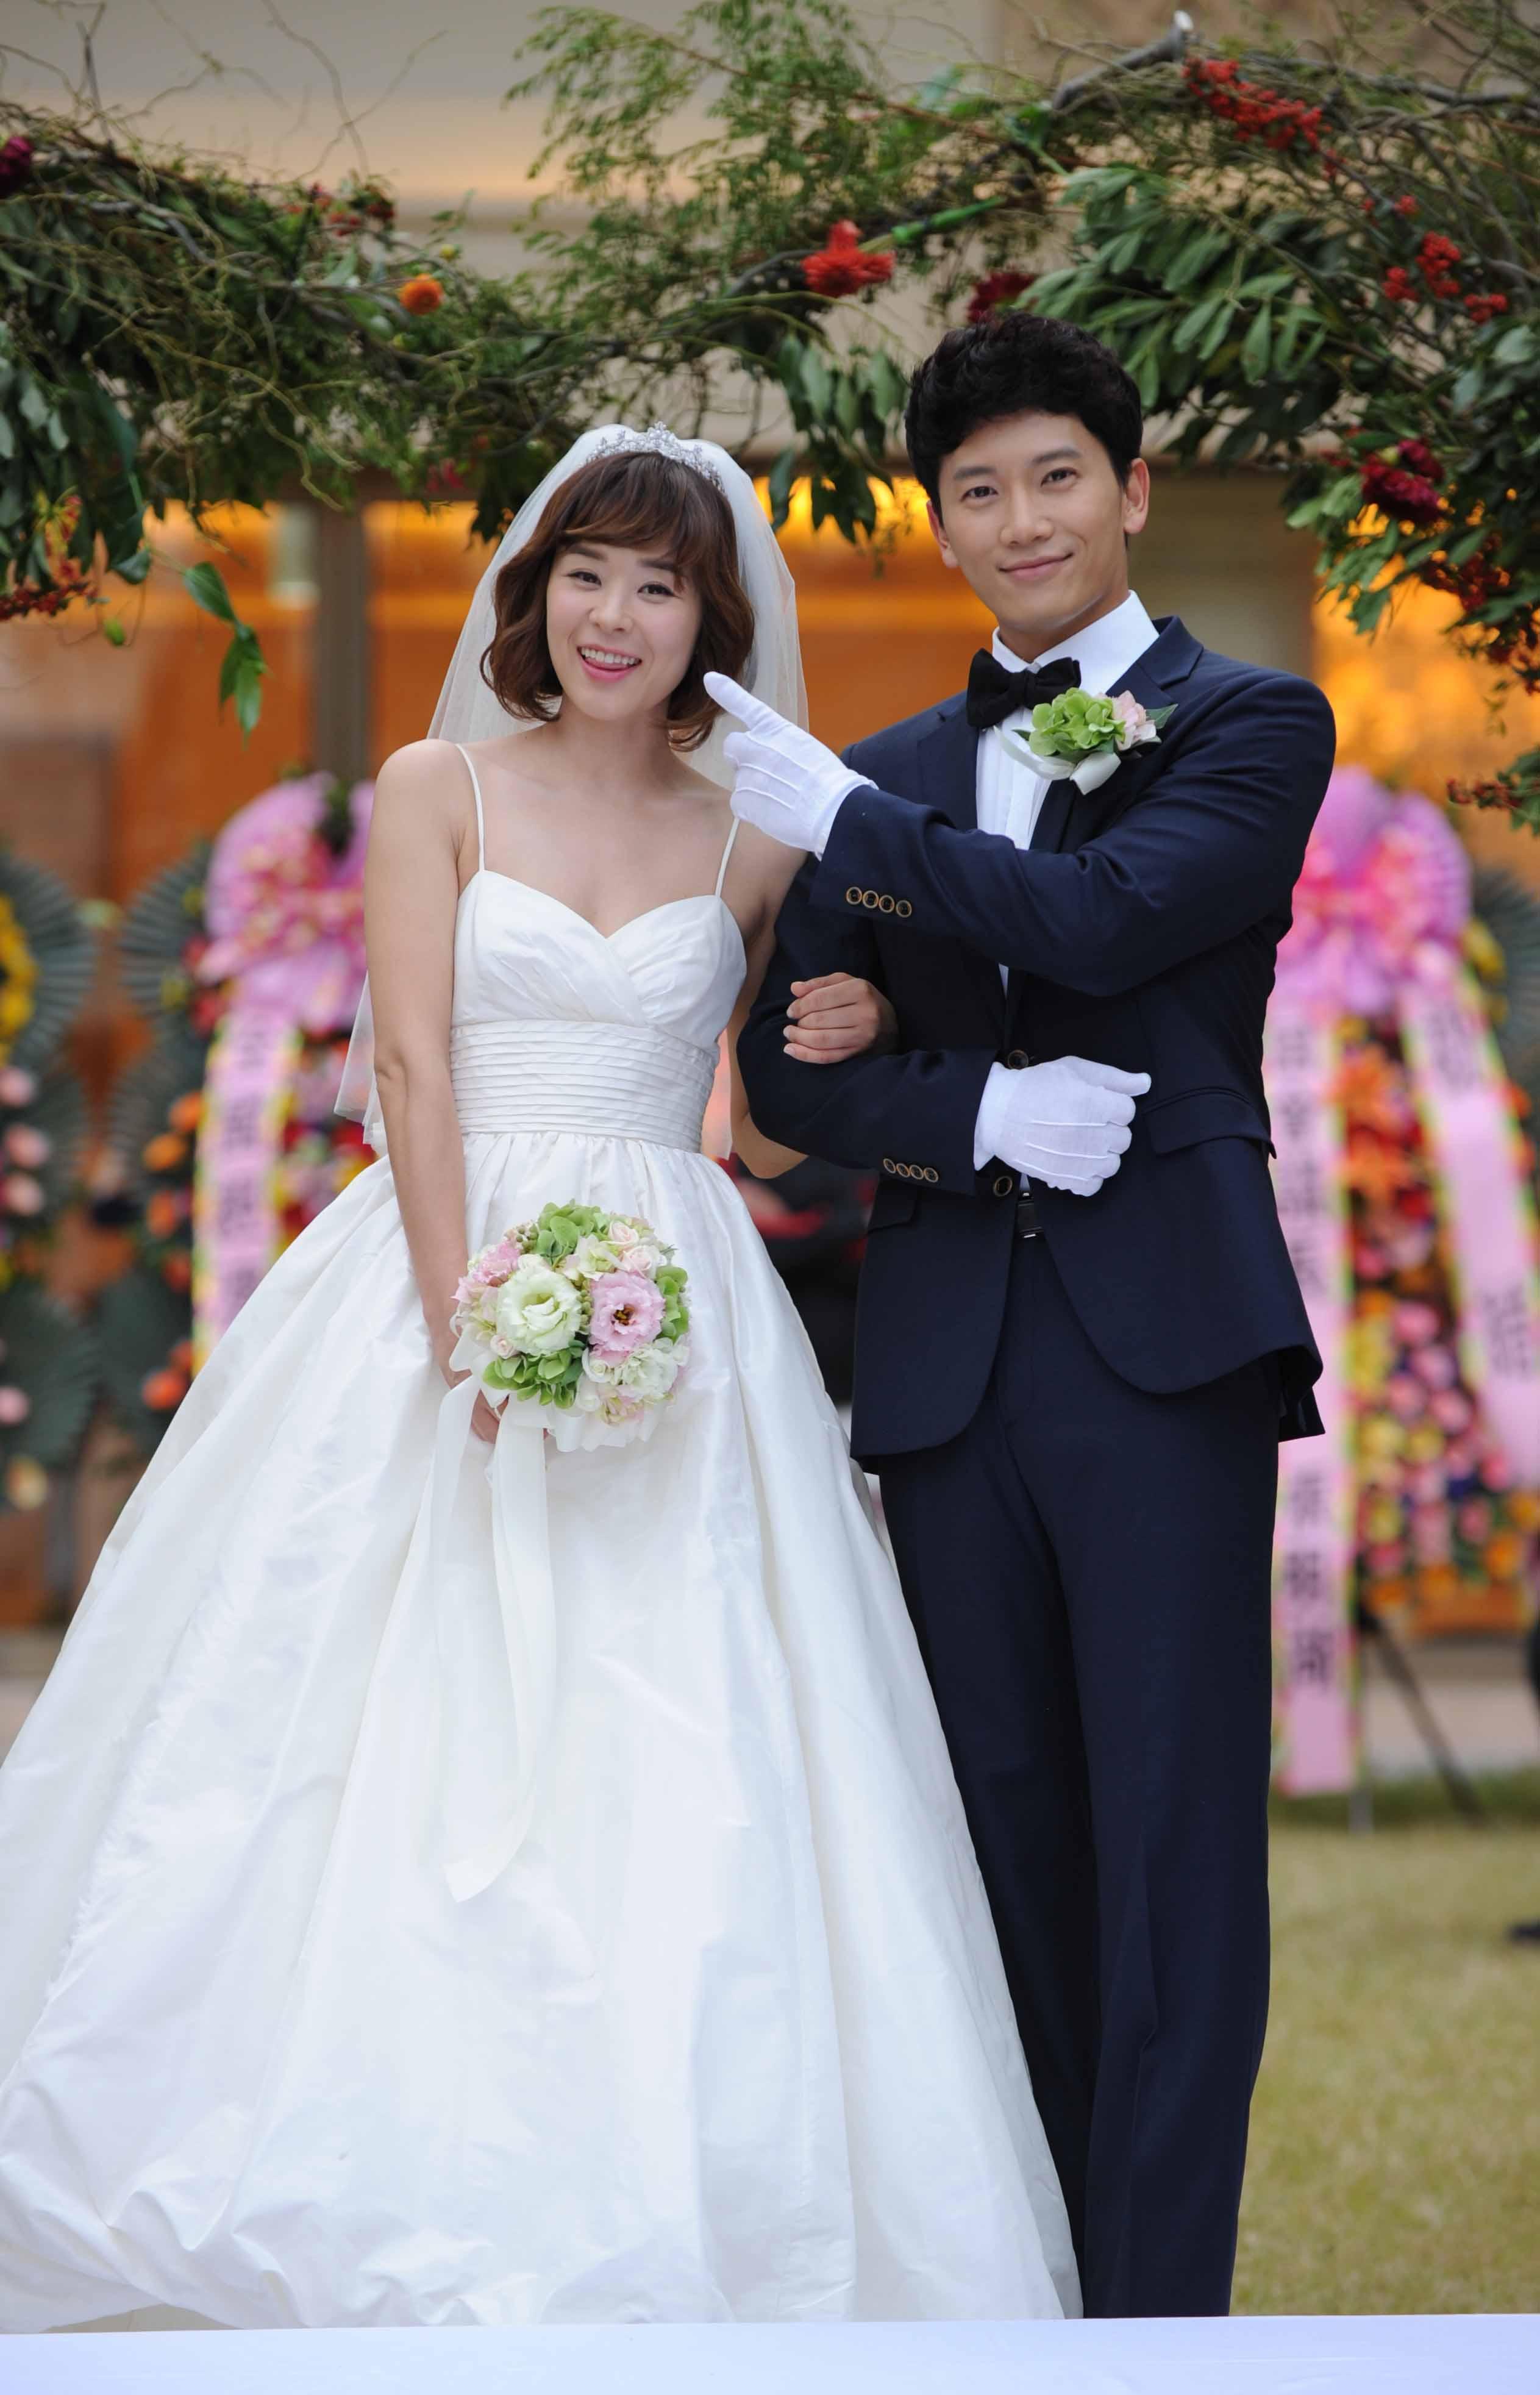 SBS 드라마스페셜 [보스를 지켜라] '지성, 최강희에게 프로포즈할 때 실제눈물날뻔했다' 썸네일 이미지